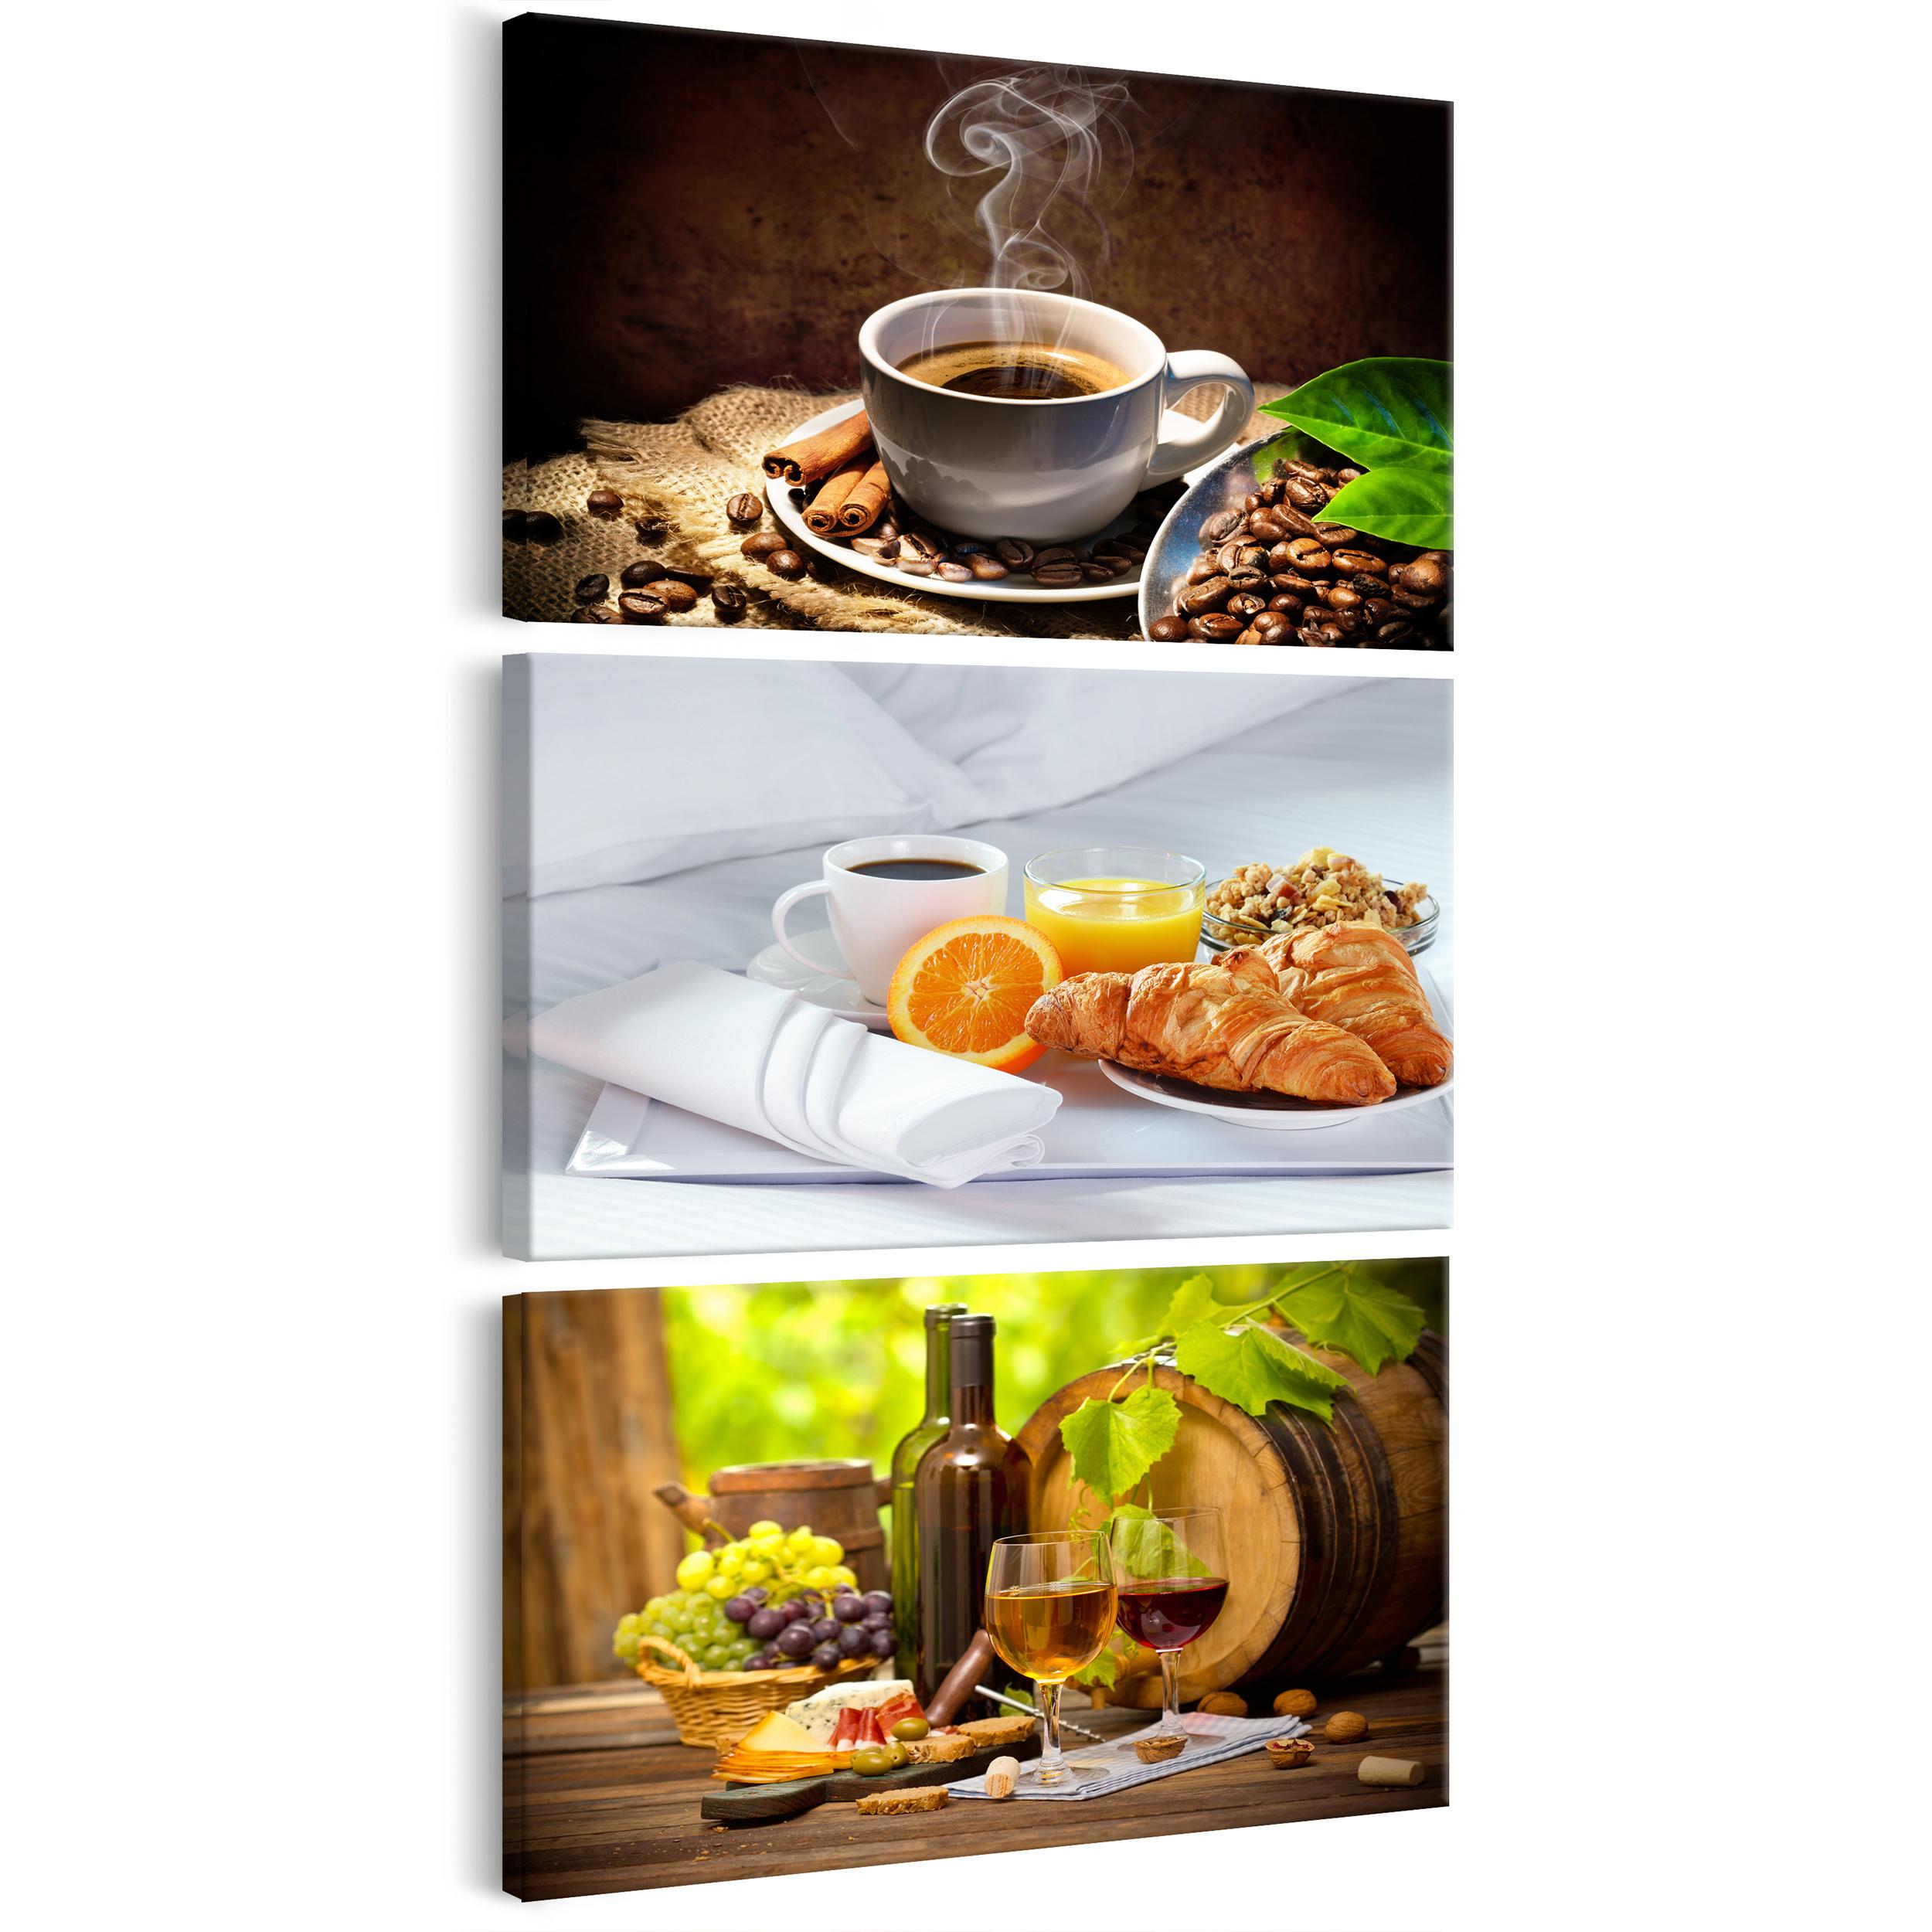 leinwand bilder k che wandbilder xxl kochen kaffe caffe. Black Bedroom Furniture Sets. Home Design Ideas